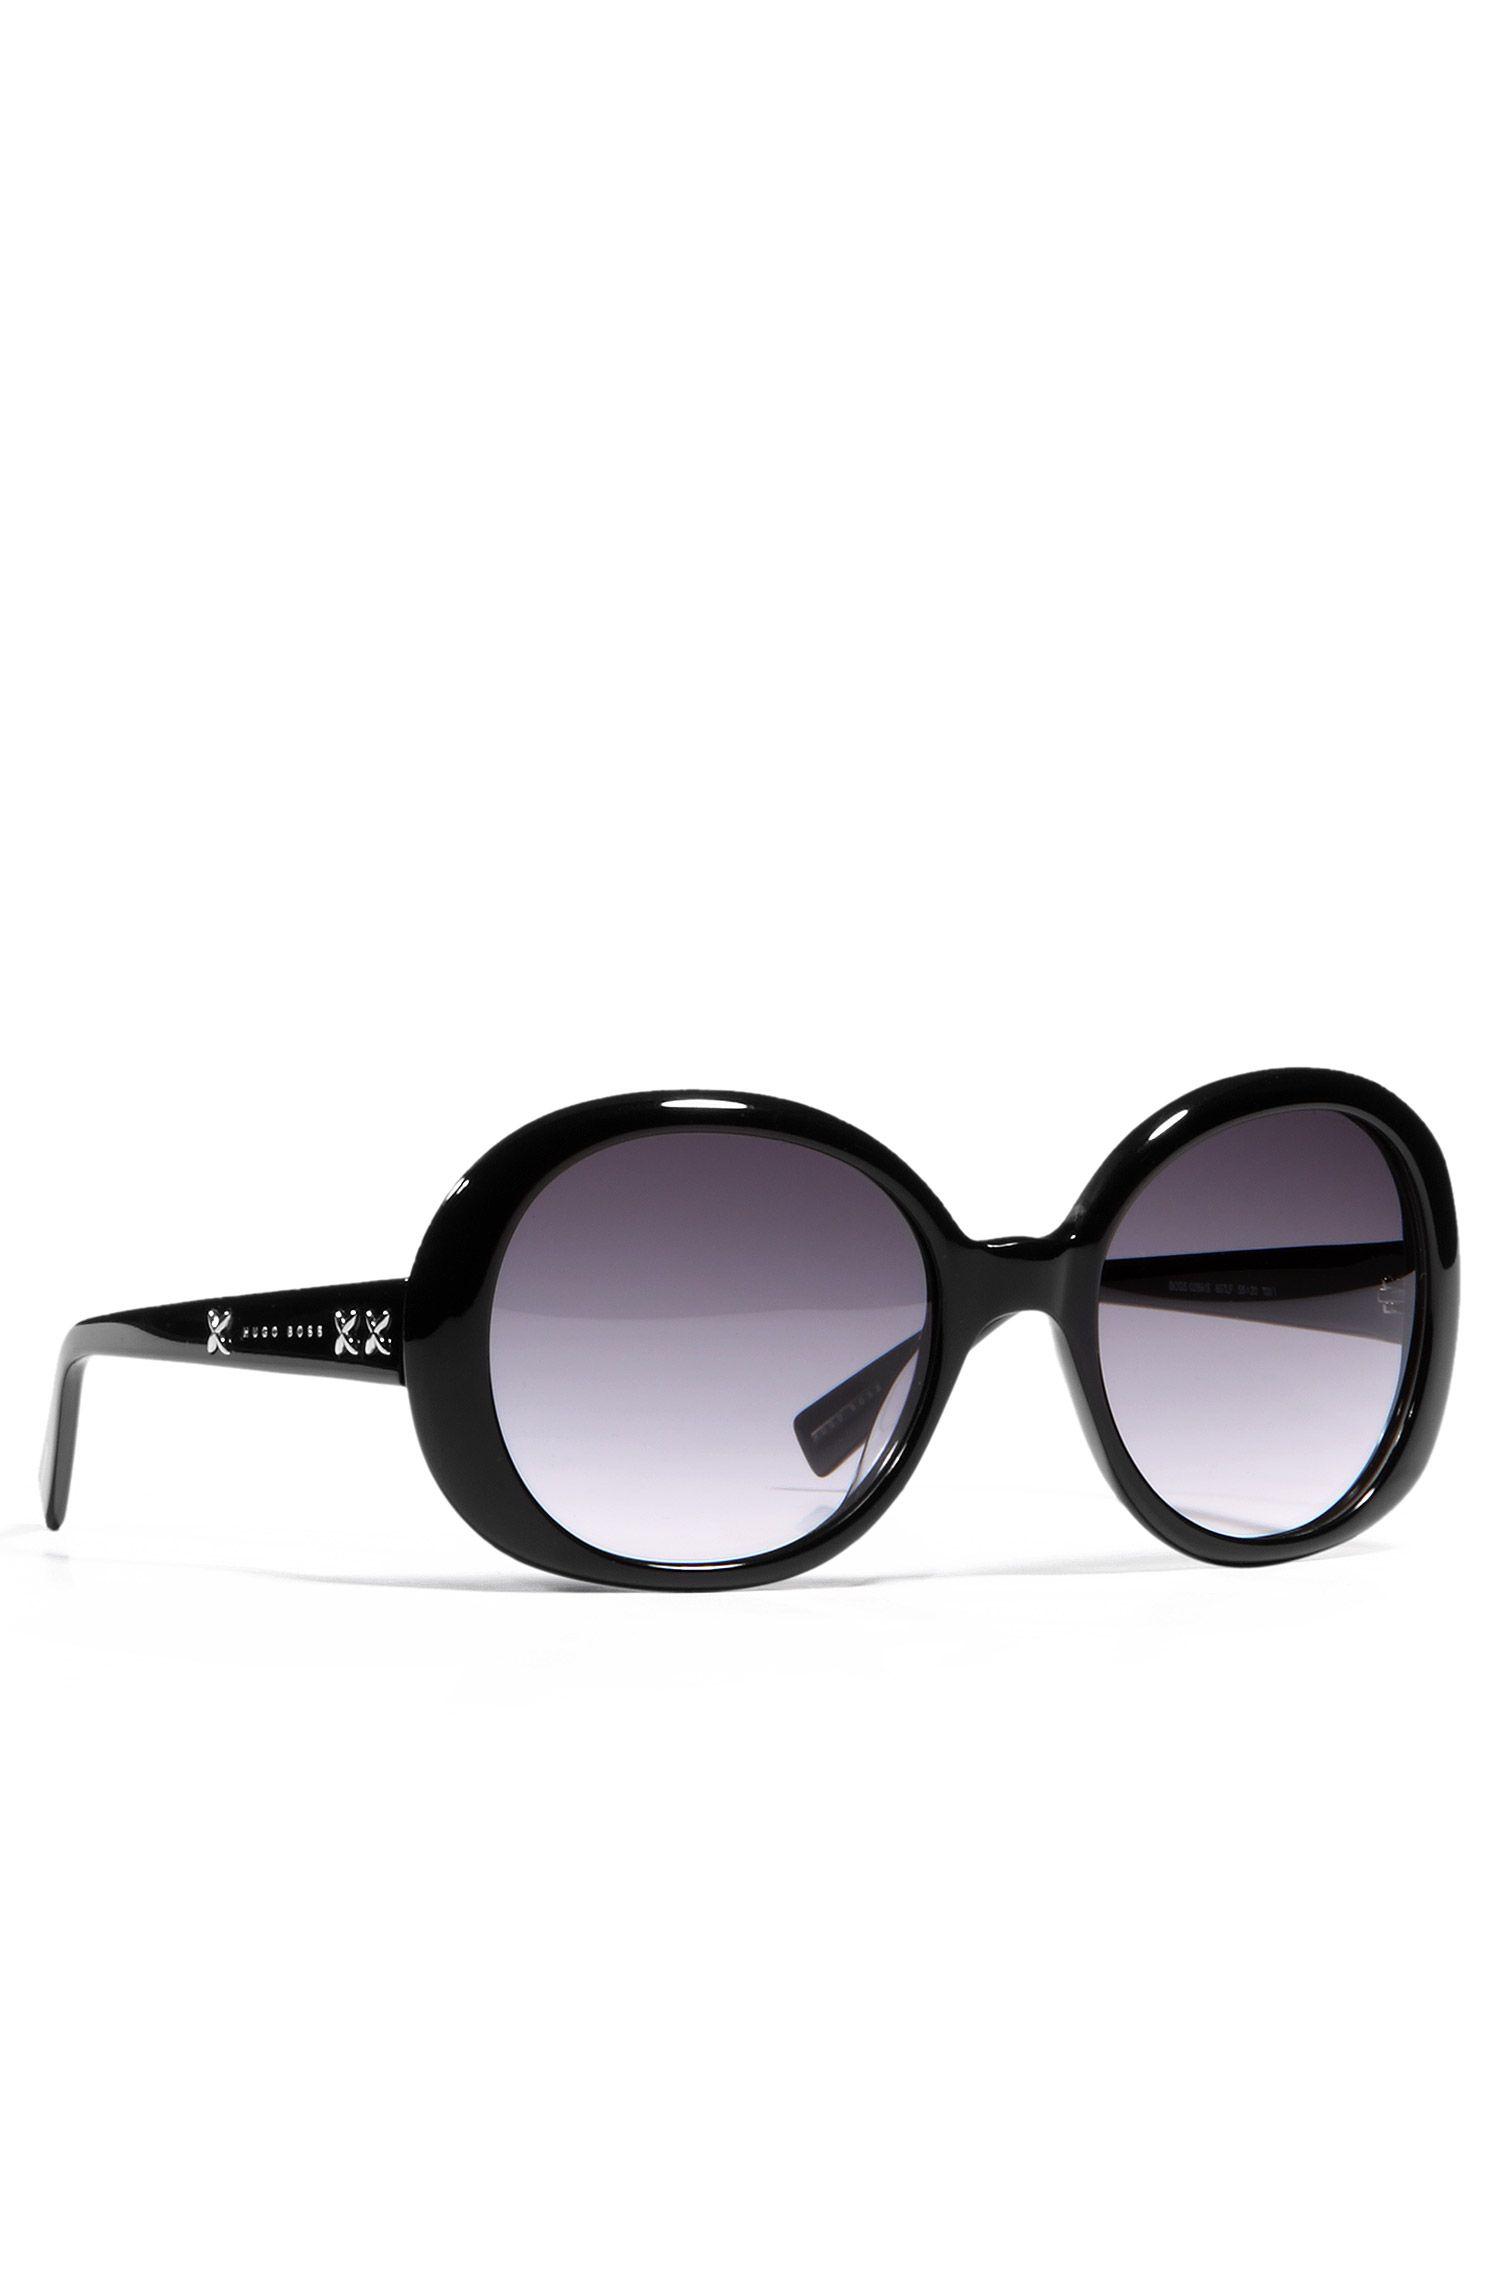 Damensonnenbrille im 70er Jahre Stil